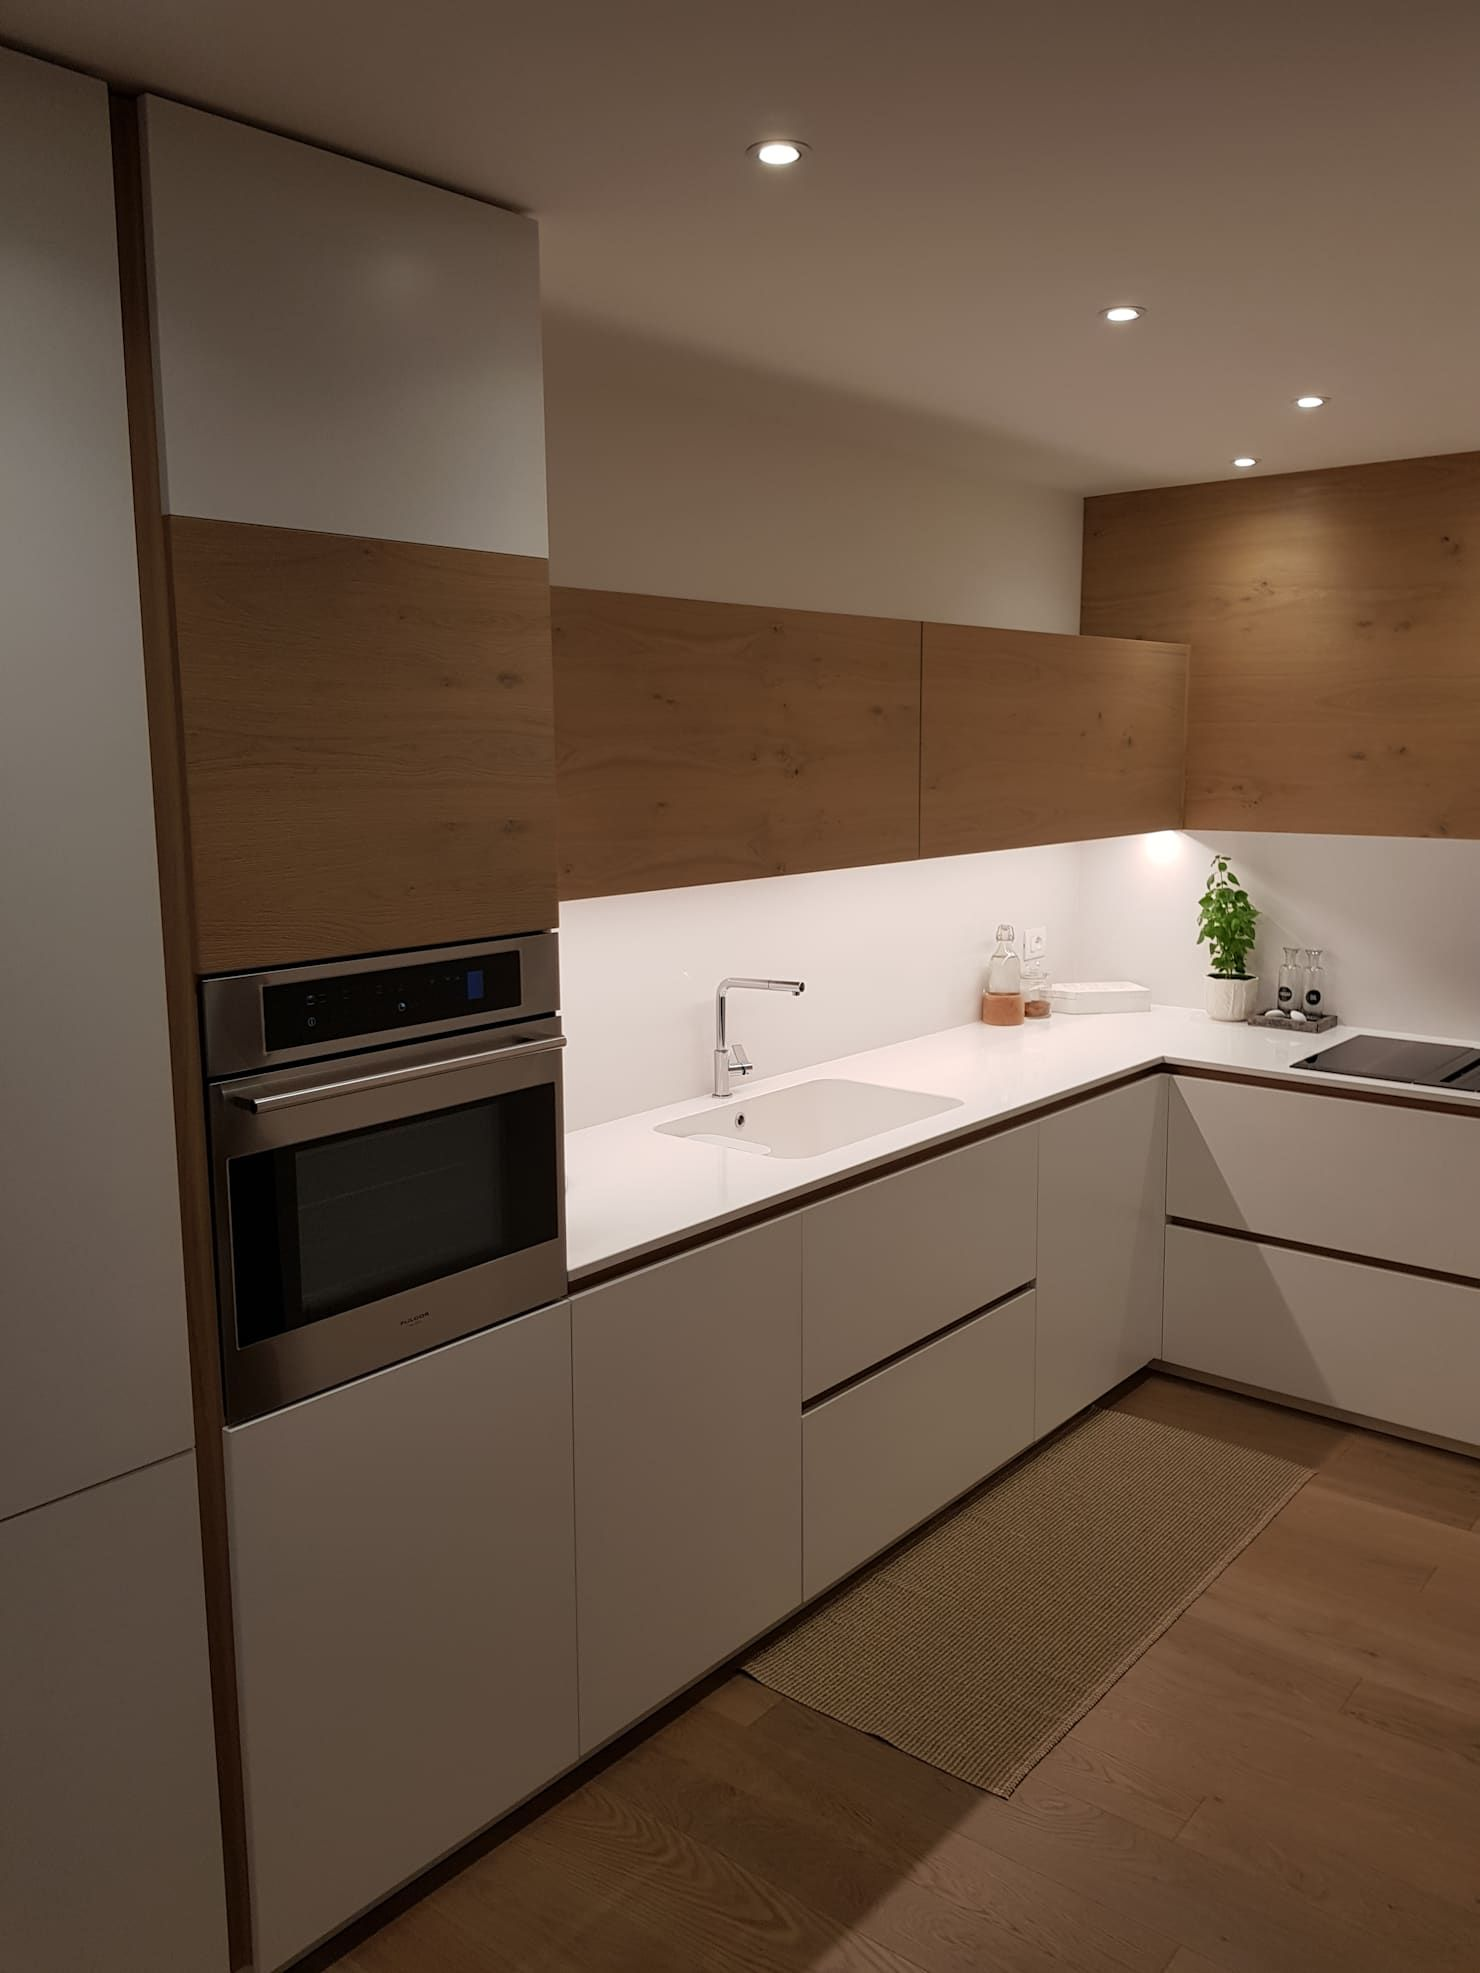 Cucina moderna arredamenti piva cucina attrezzata